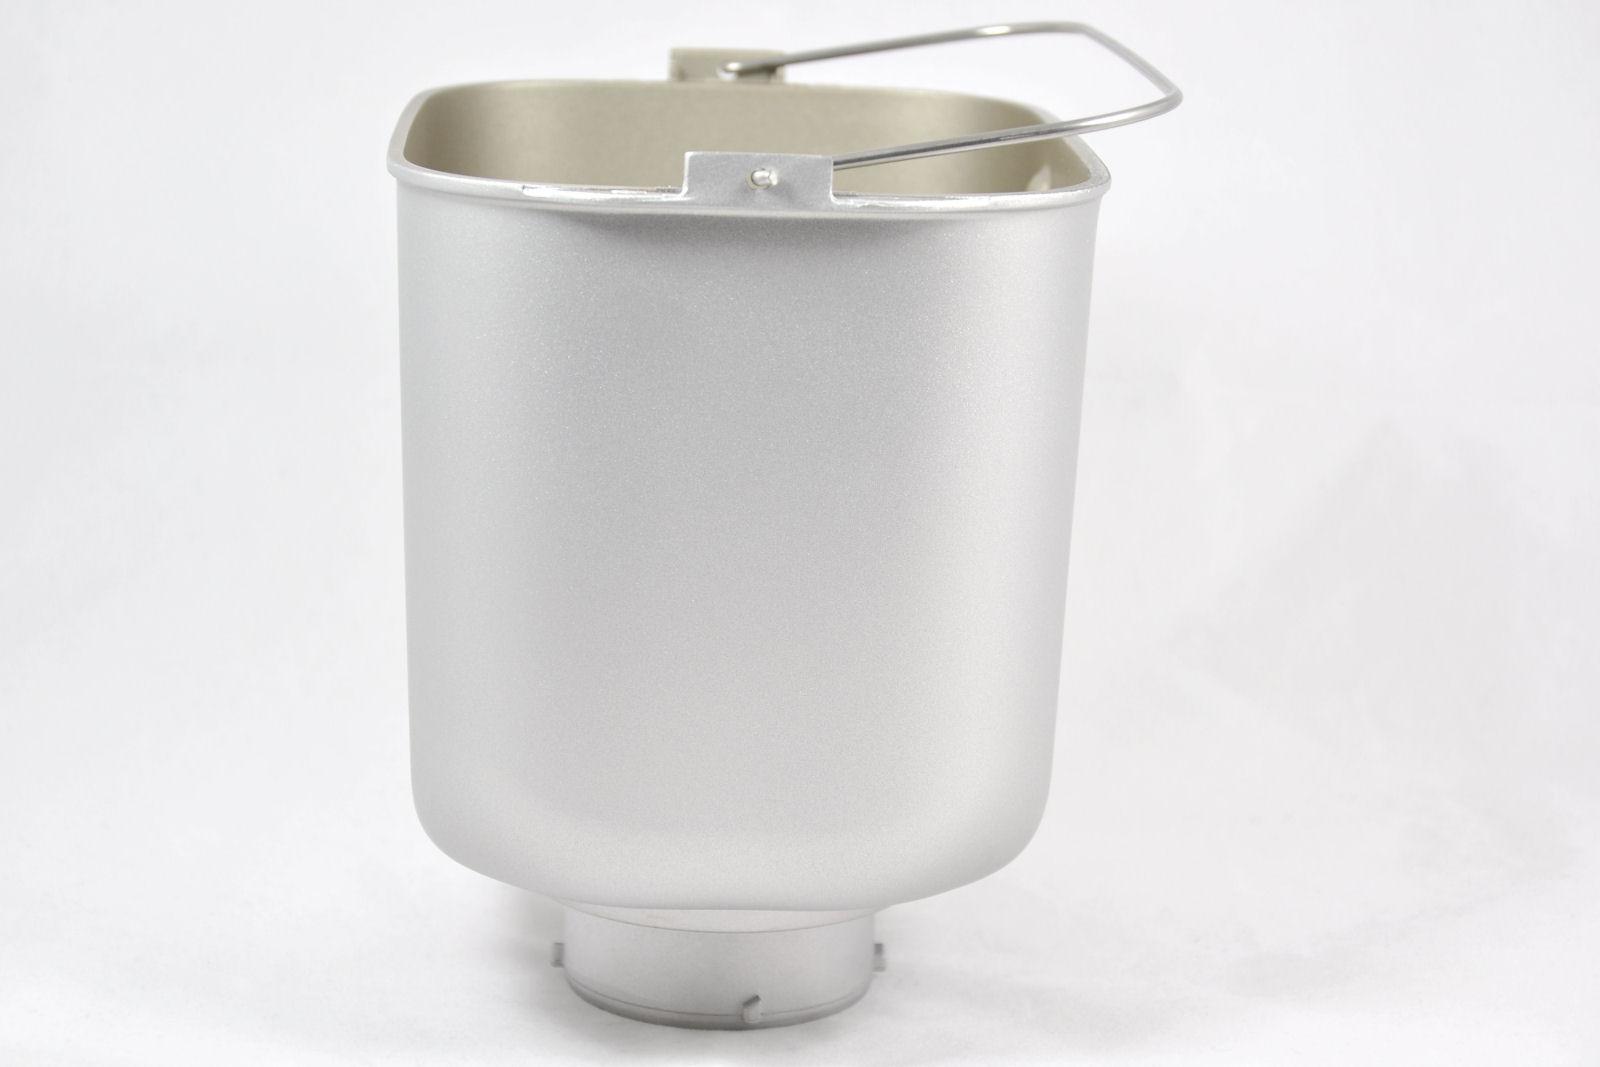 panasonic bread machine pan